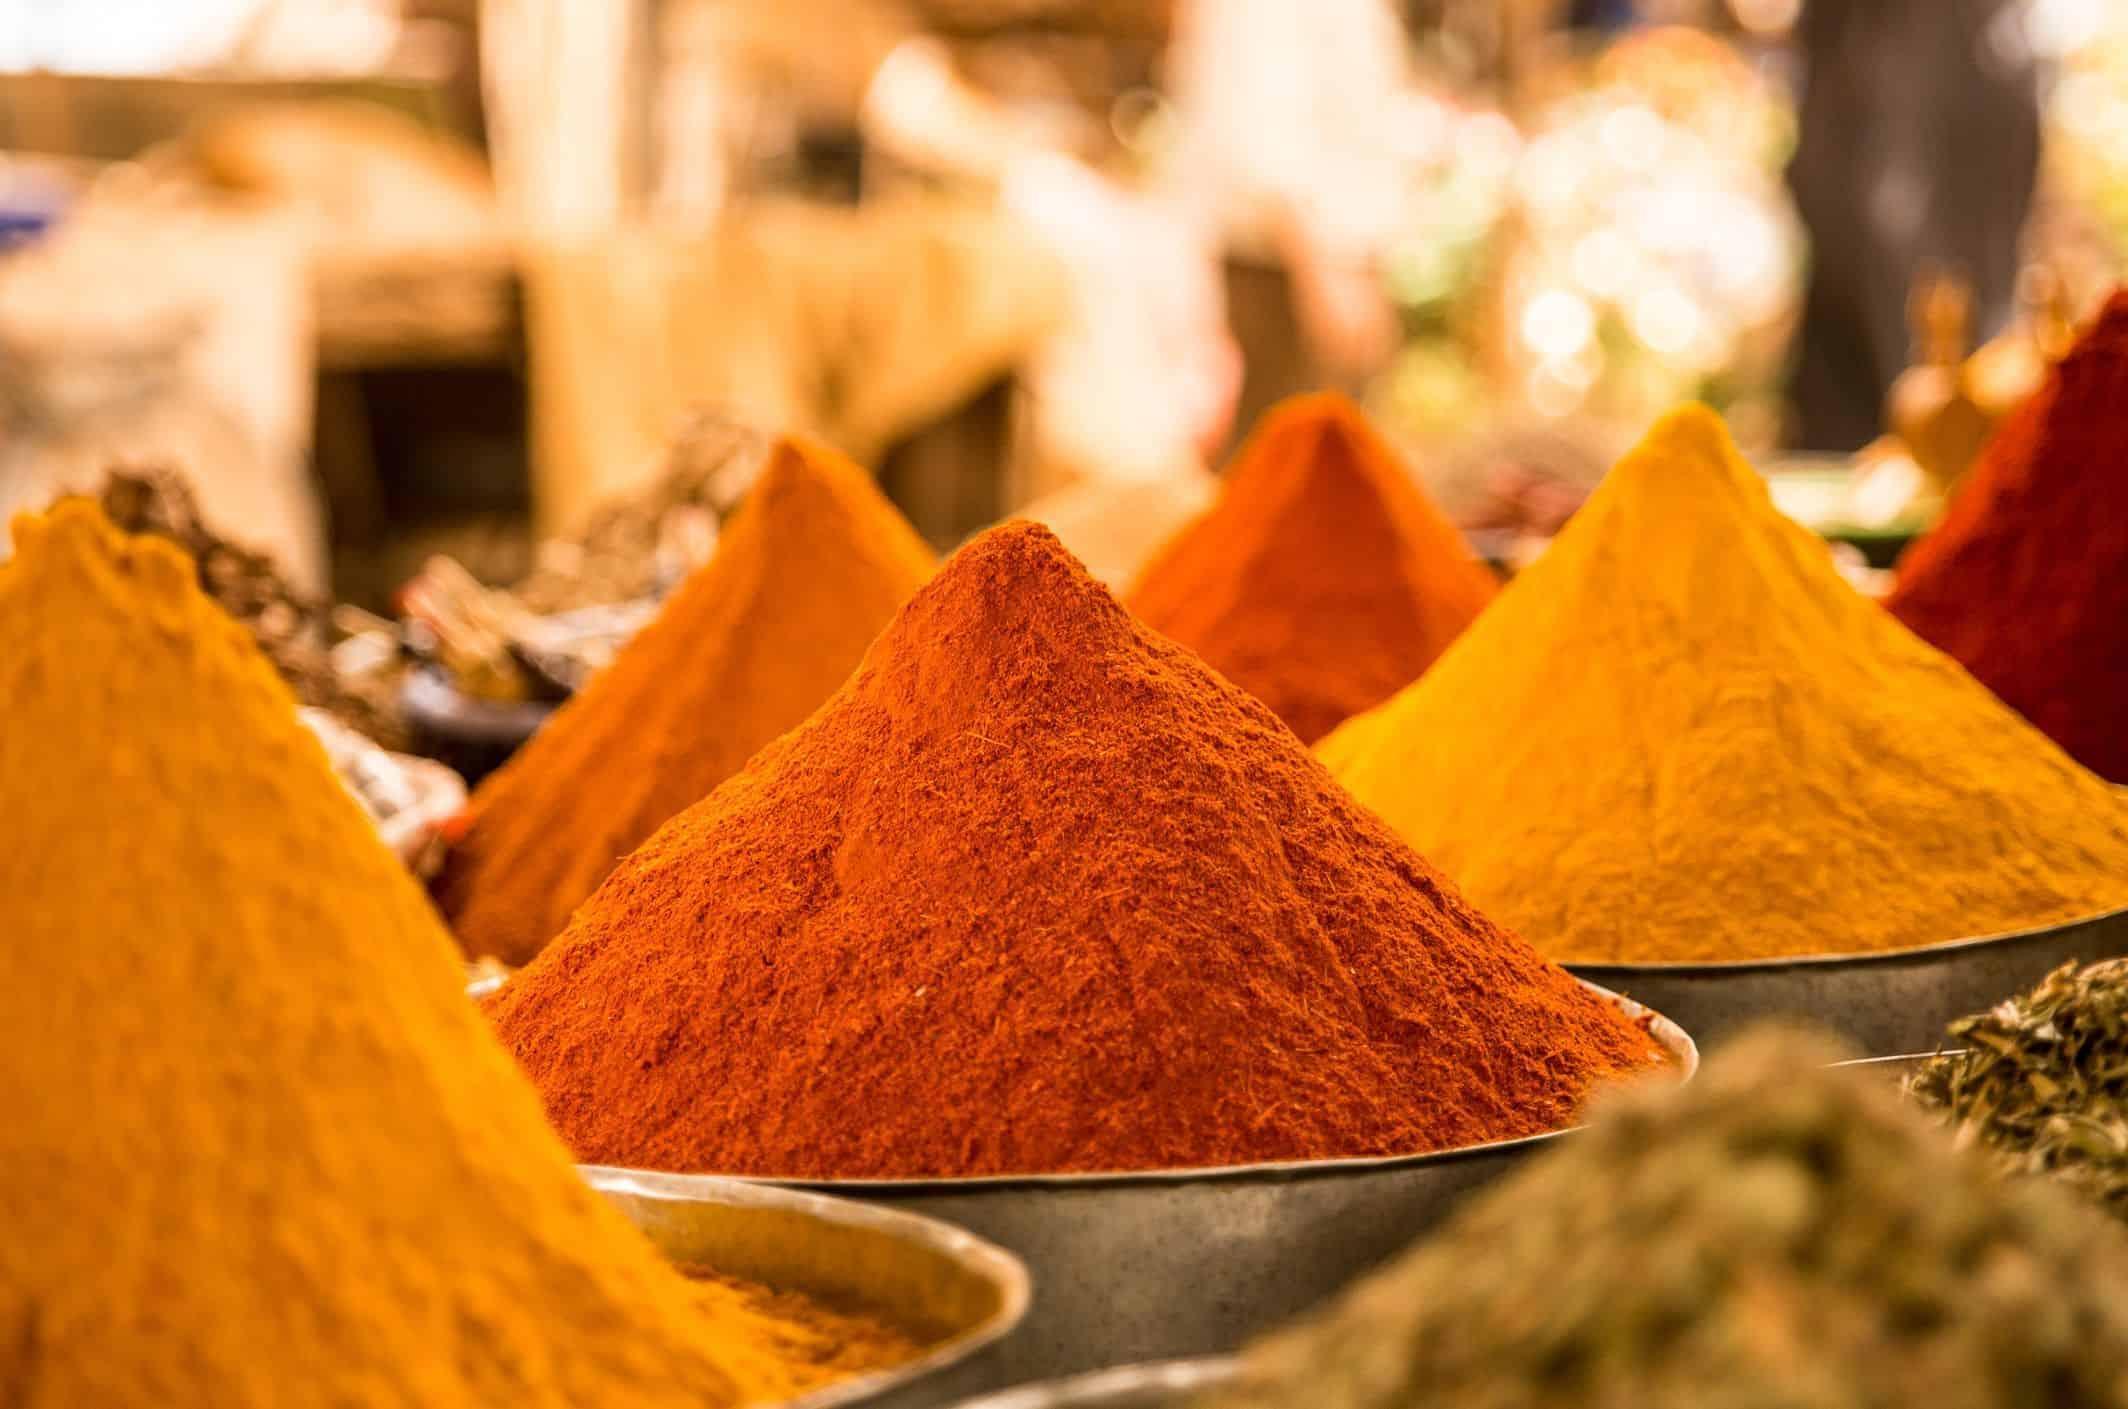 Indiens stærke krydderier - Risskov Rejser